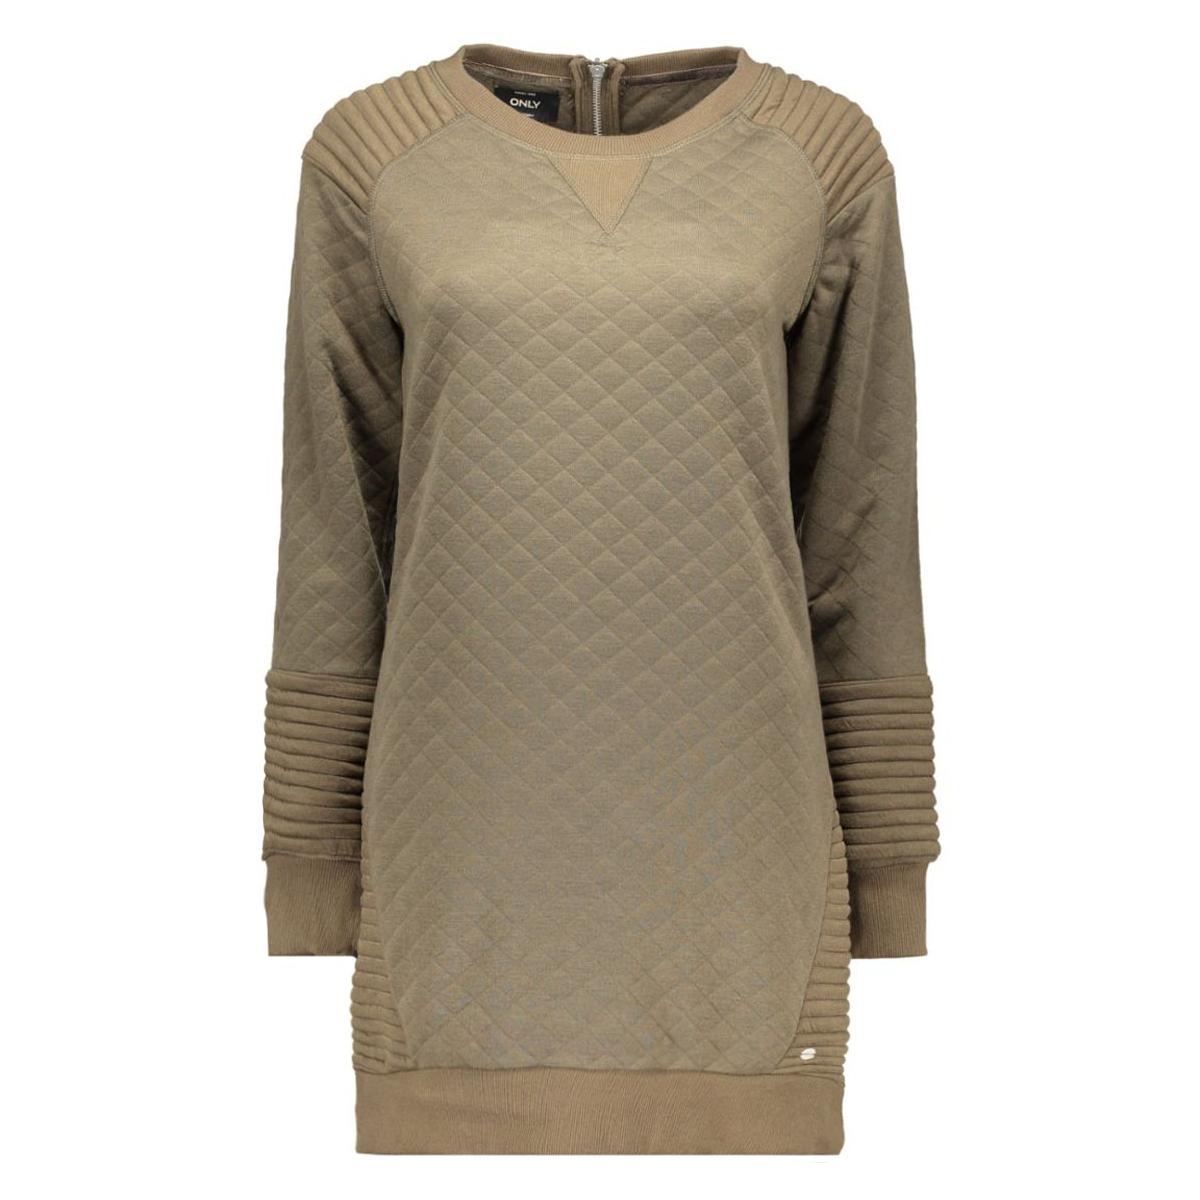 onlgilda l/s dress swt 15125137 only jurk tarmac/solid